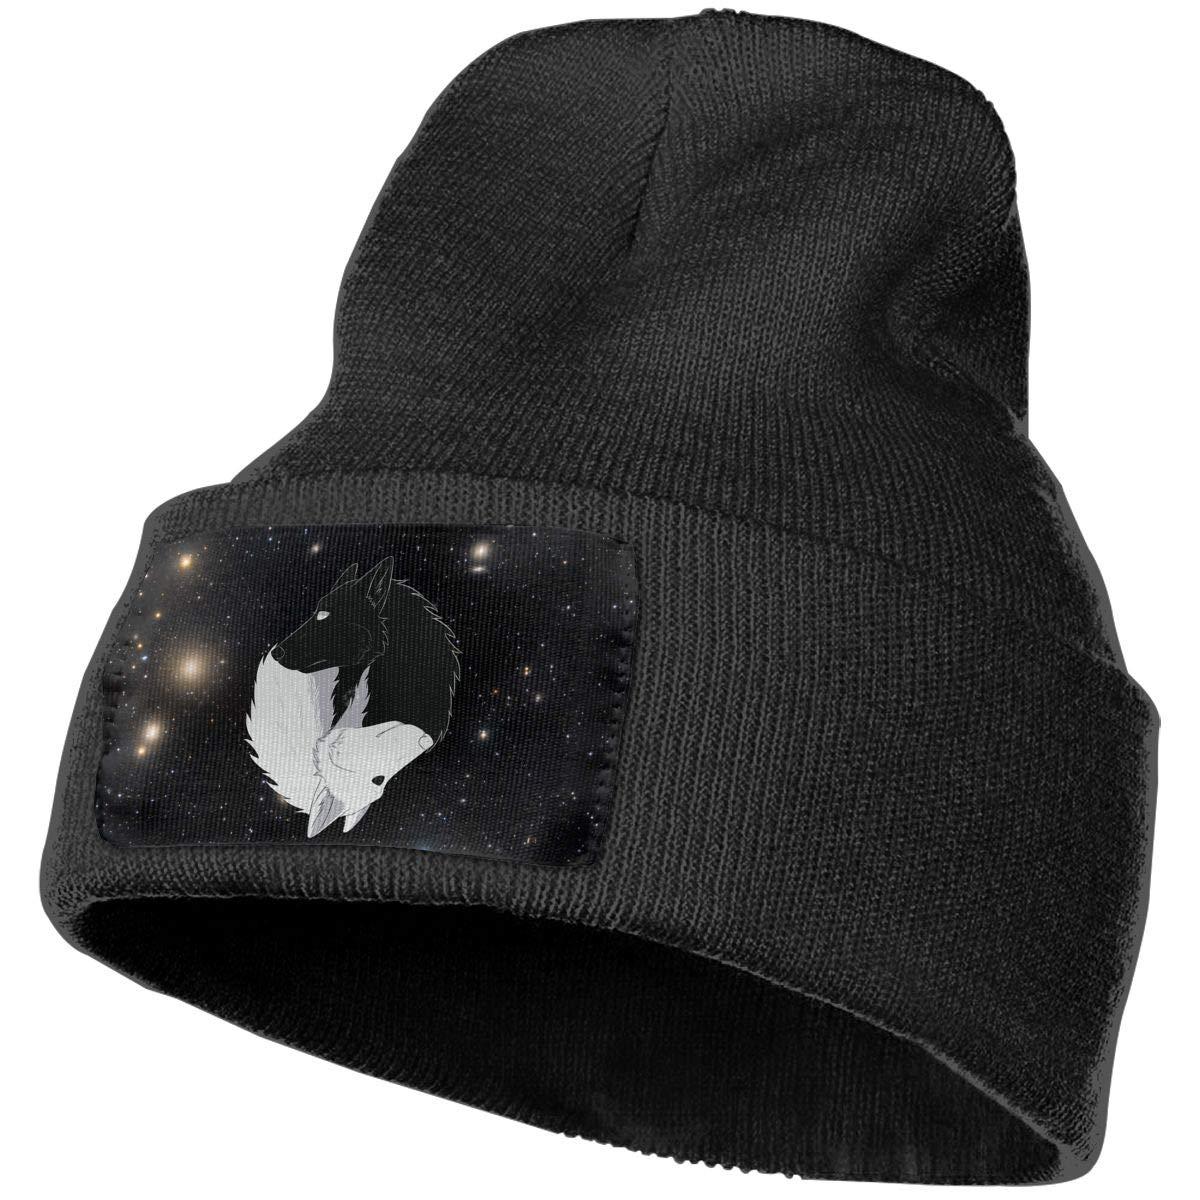 Yin Yang Wolves Winter Beanie Hat Knit Skull Cap for for Men /& Women